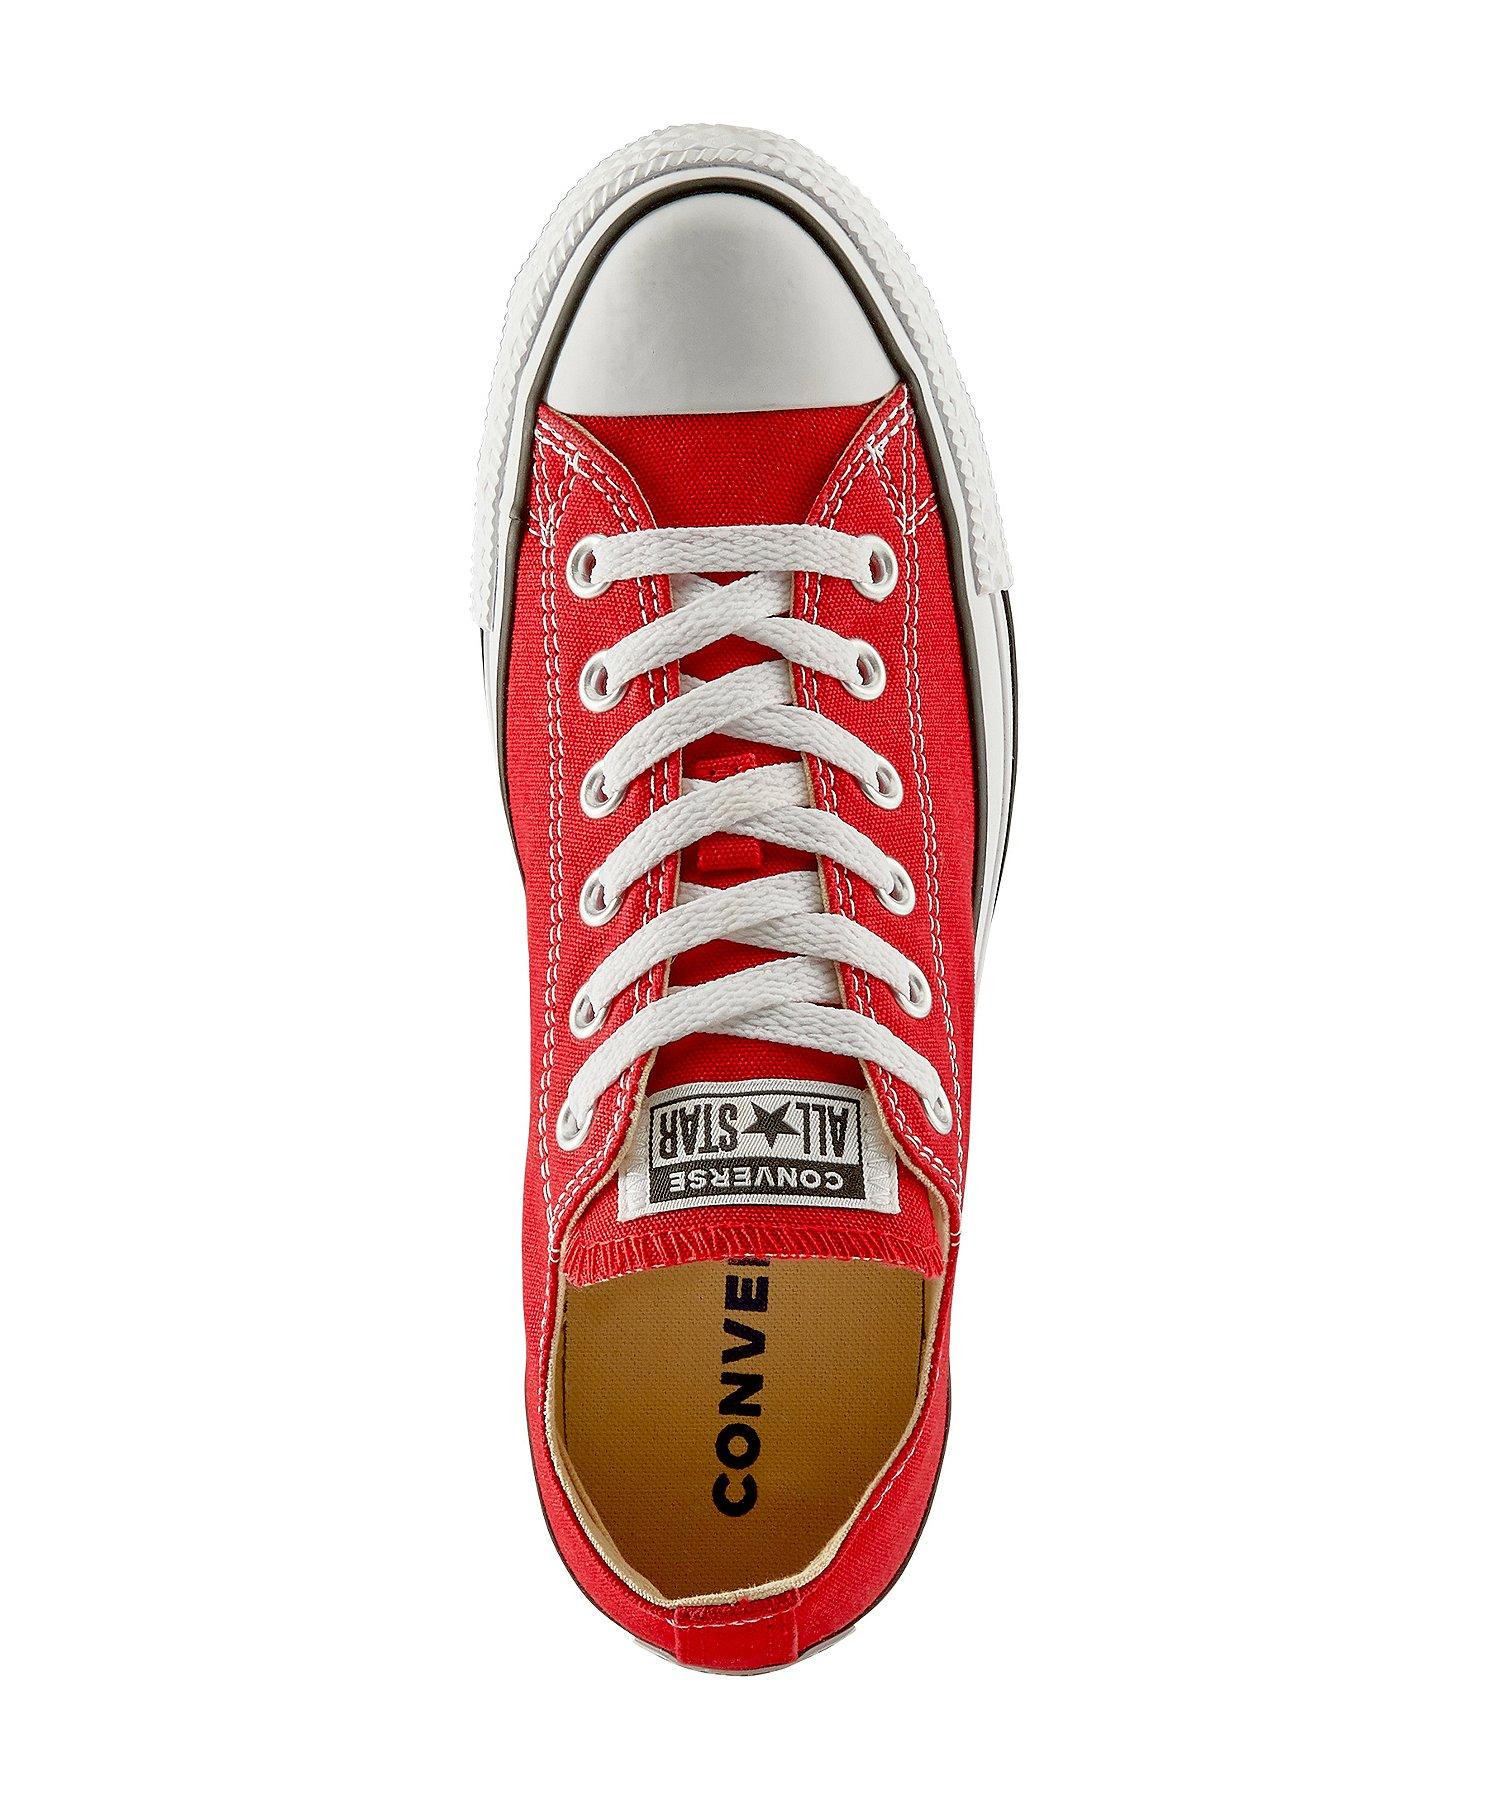 chaussures homme converse sans fil